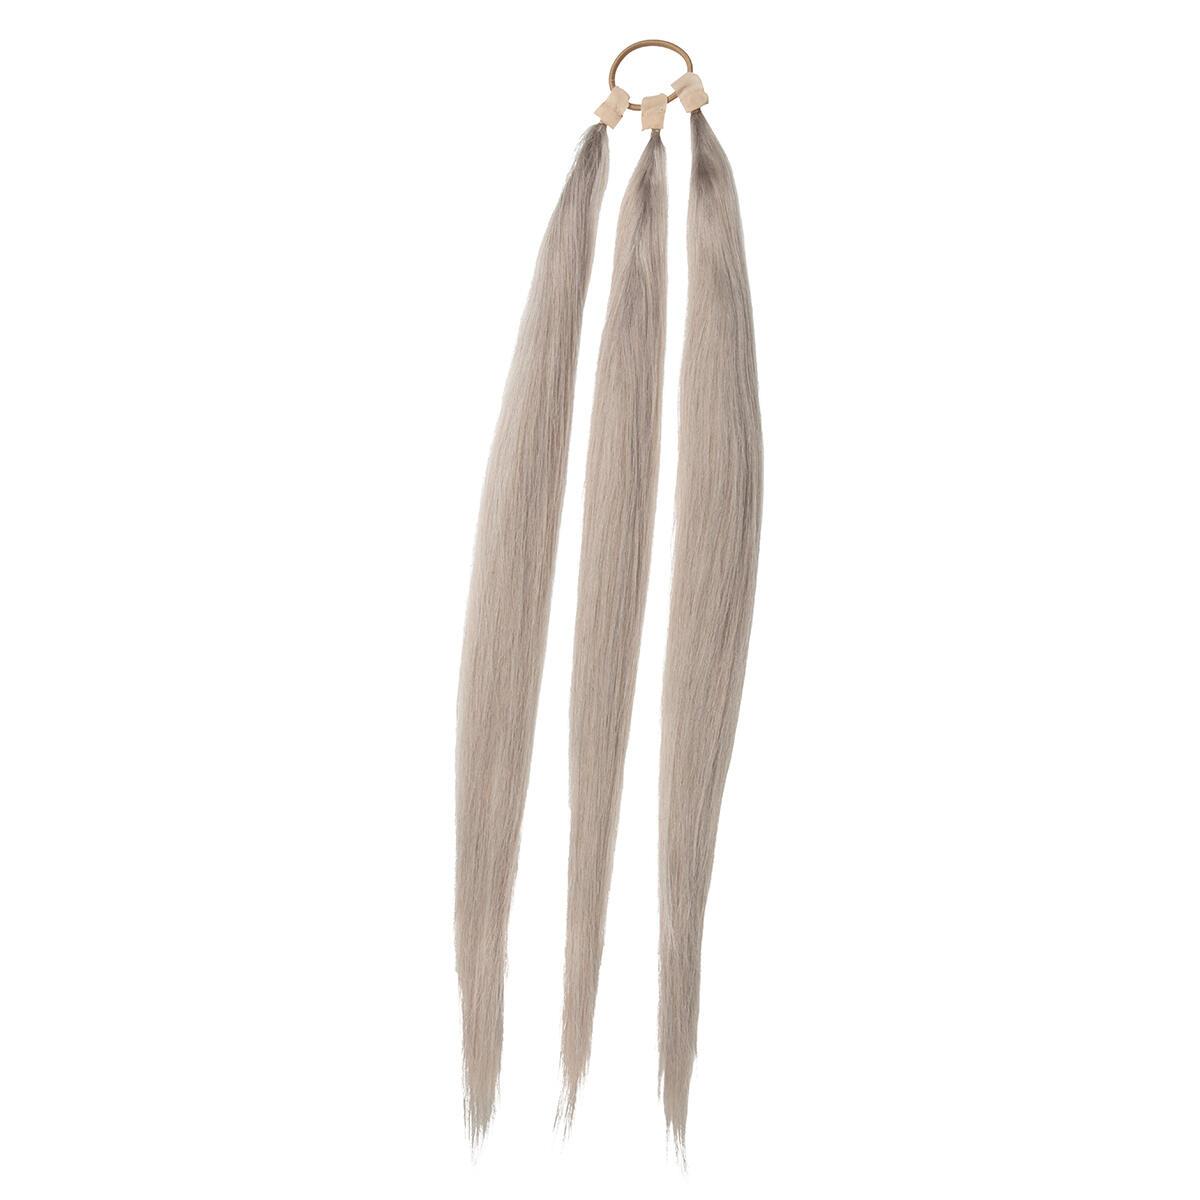 Easy Braid 10.5 Grey 55 cm